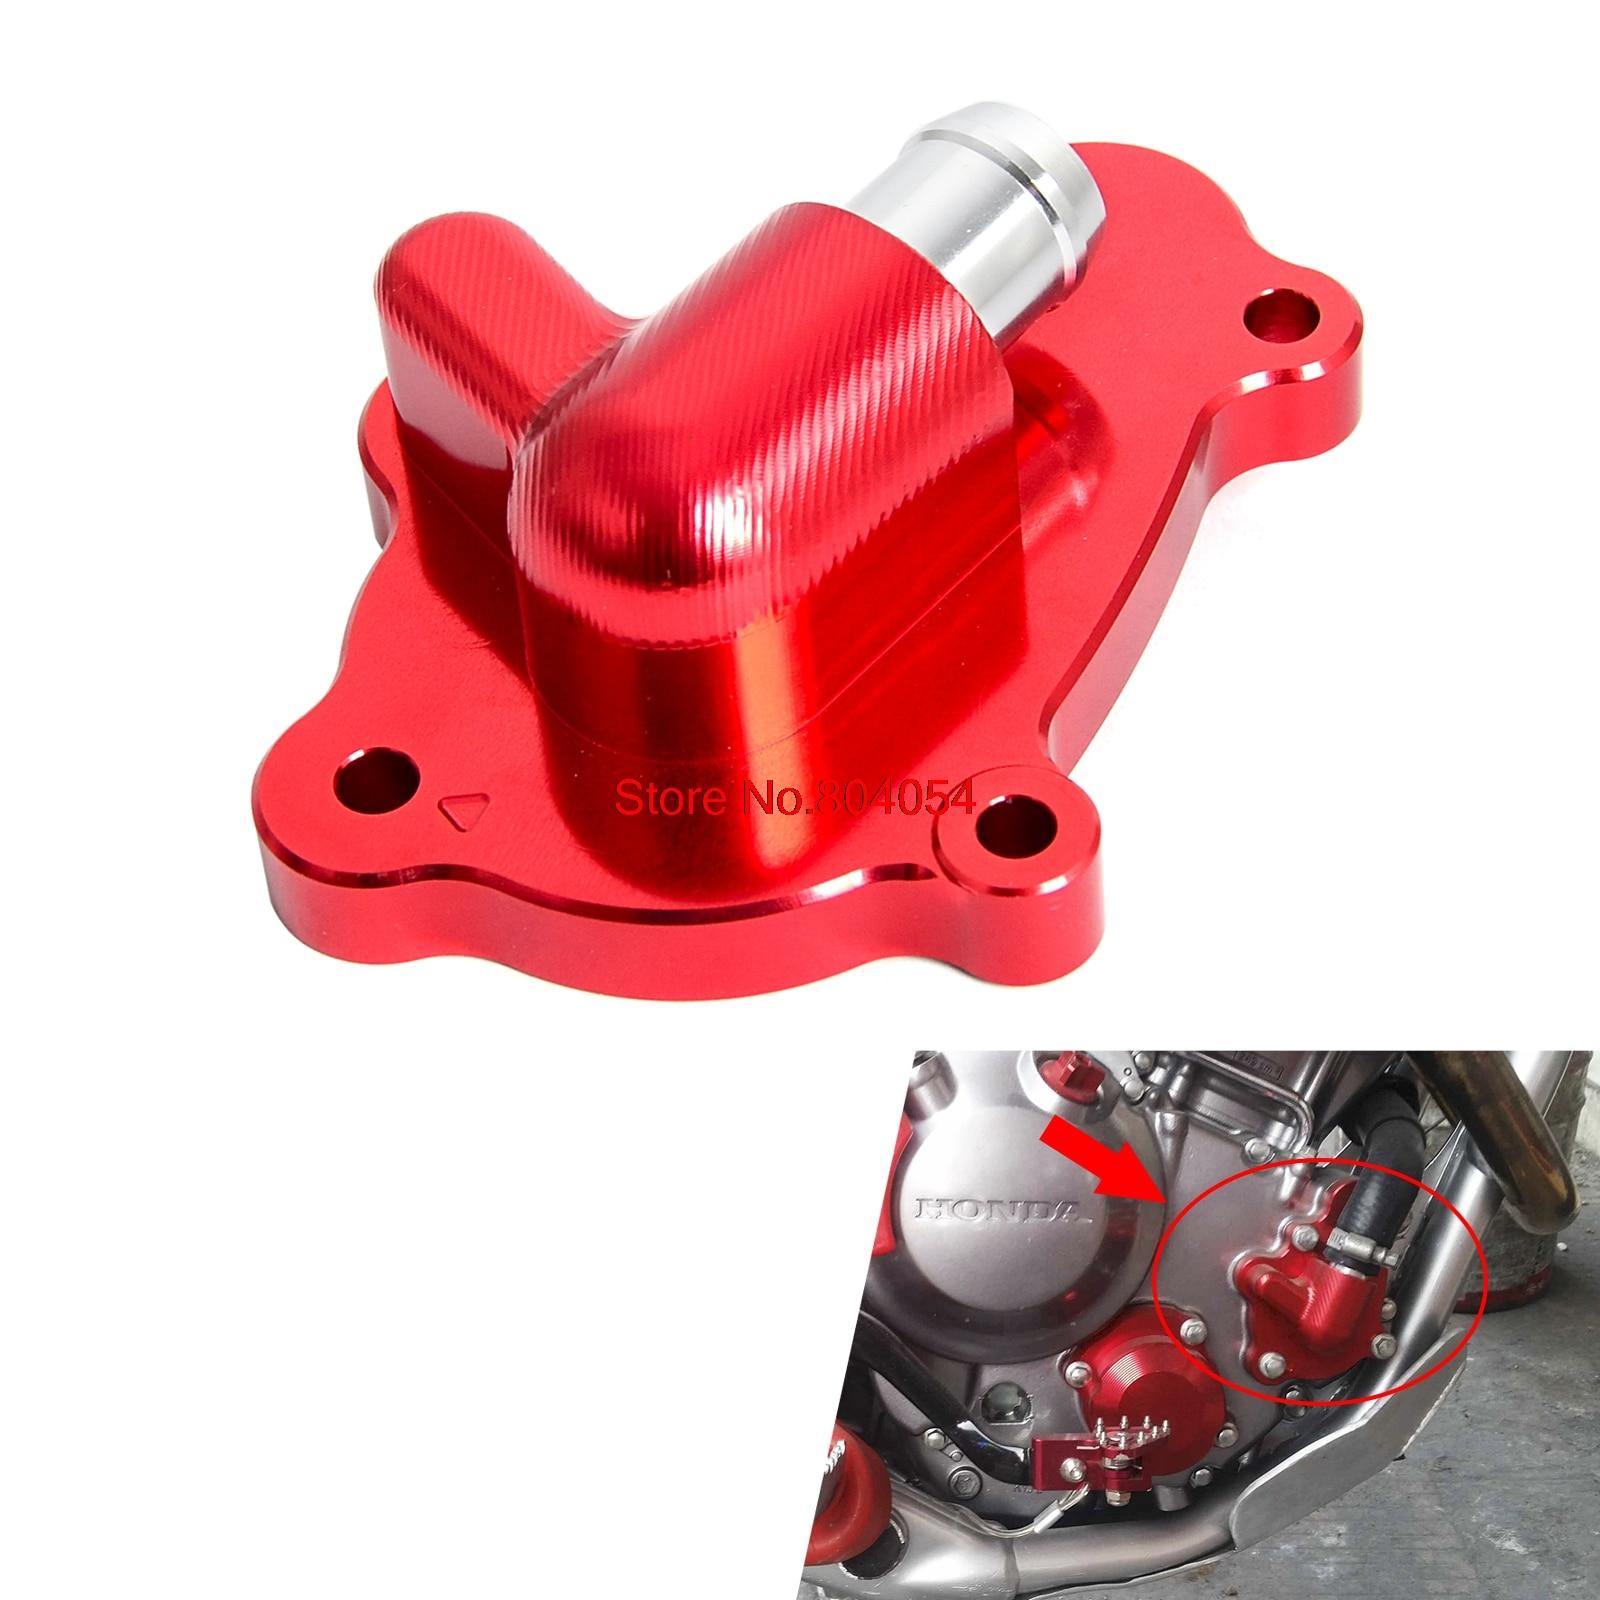 2012 Honda Crf250l Specs Released: CNC Billet Aluminum Water Pump Cover Protector For Honda